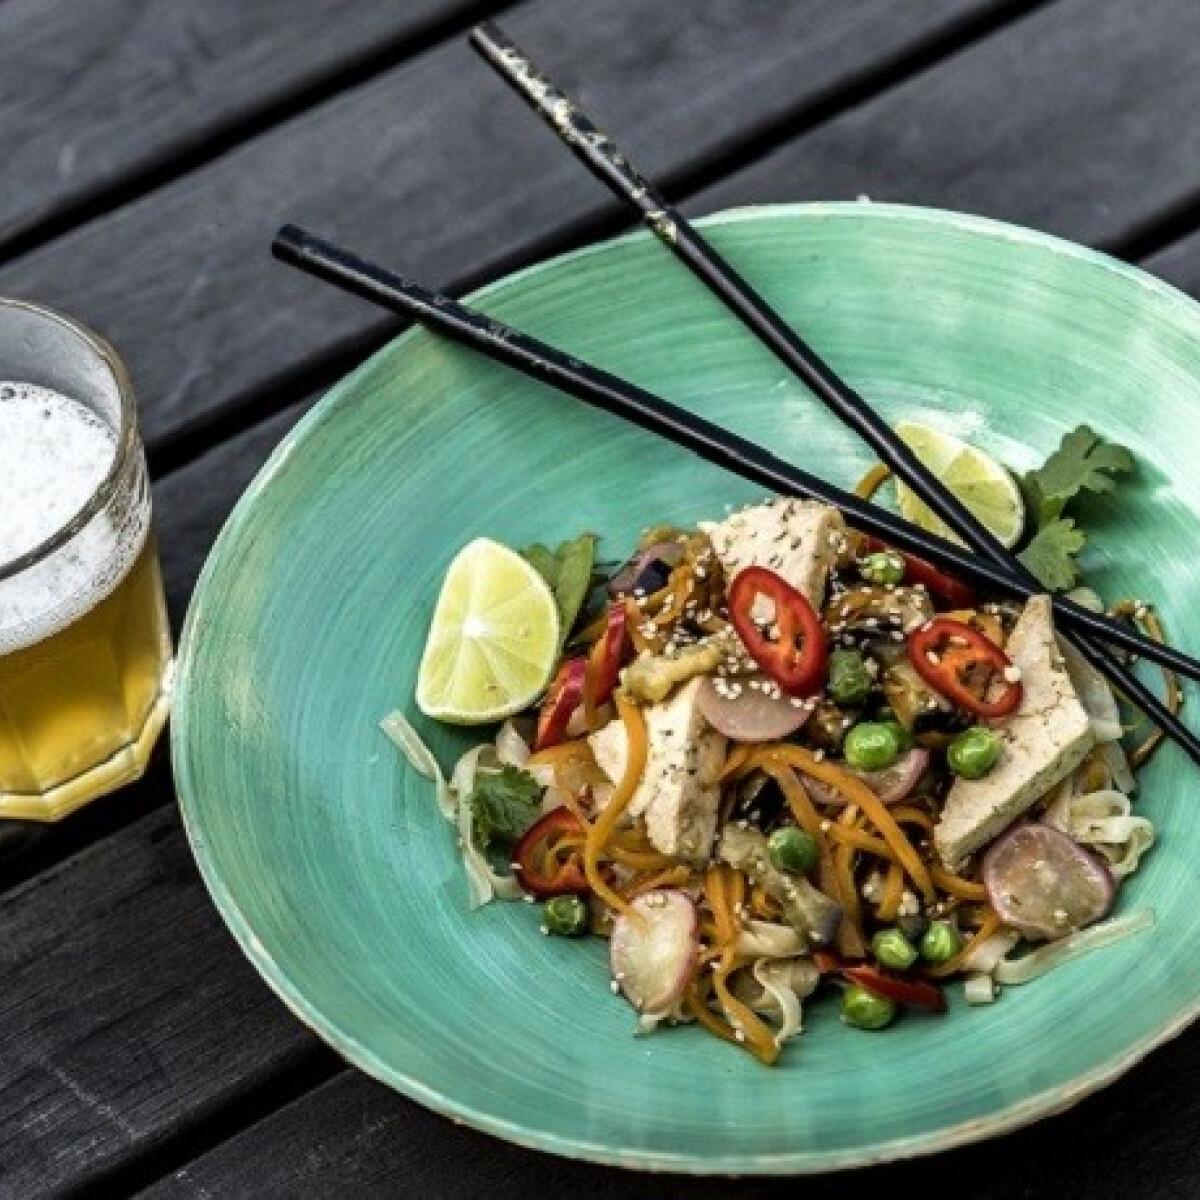 Ezen a képen: Zöldség-wok Lakatos Márktól